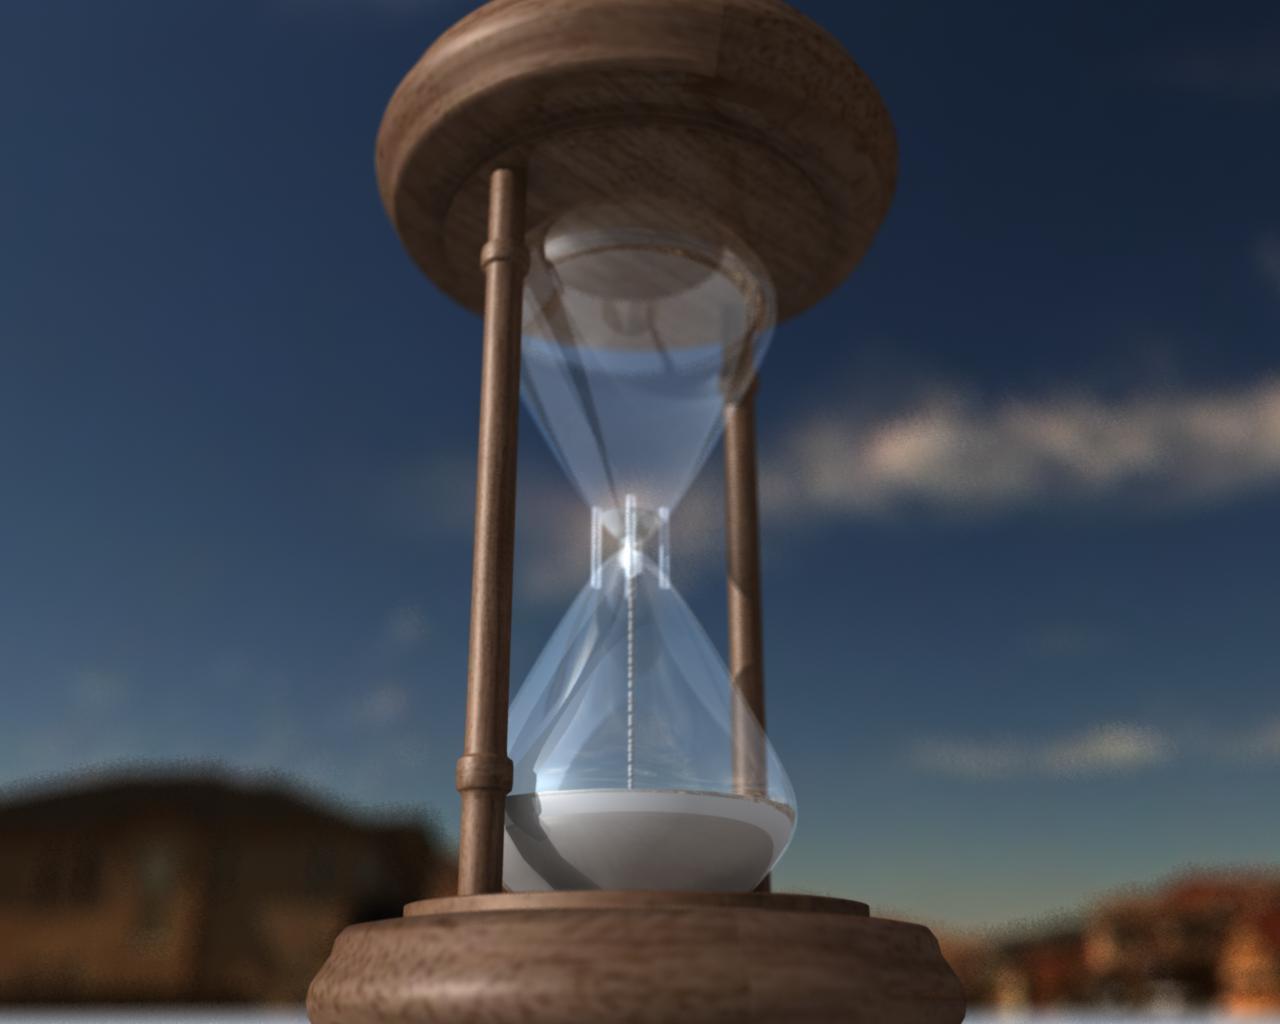 Hourglass reloj de arena by luzbeloco on deviantart for Fotos de reloj de arena